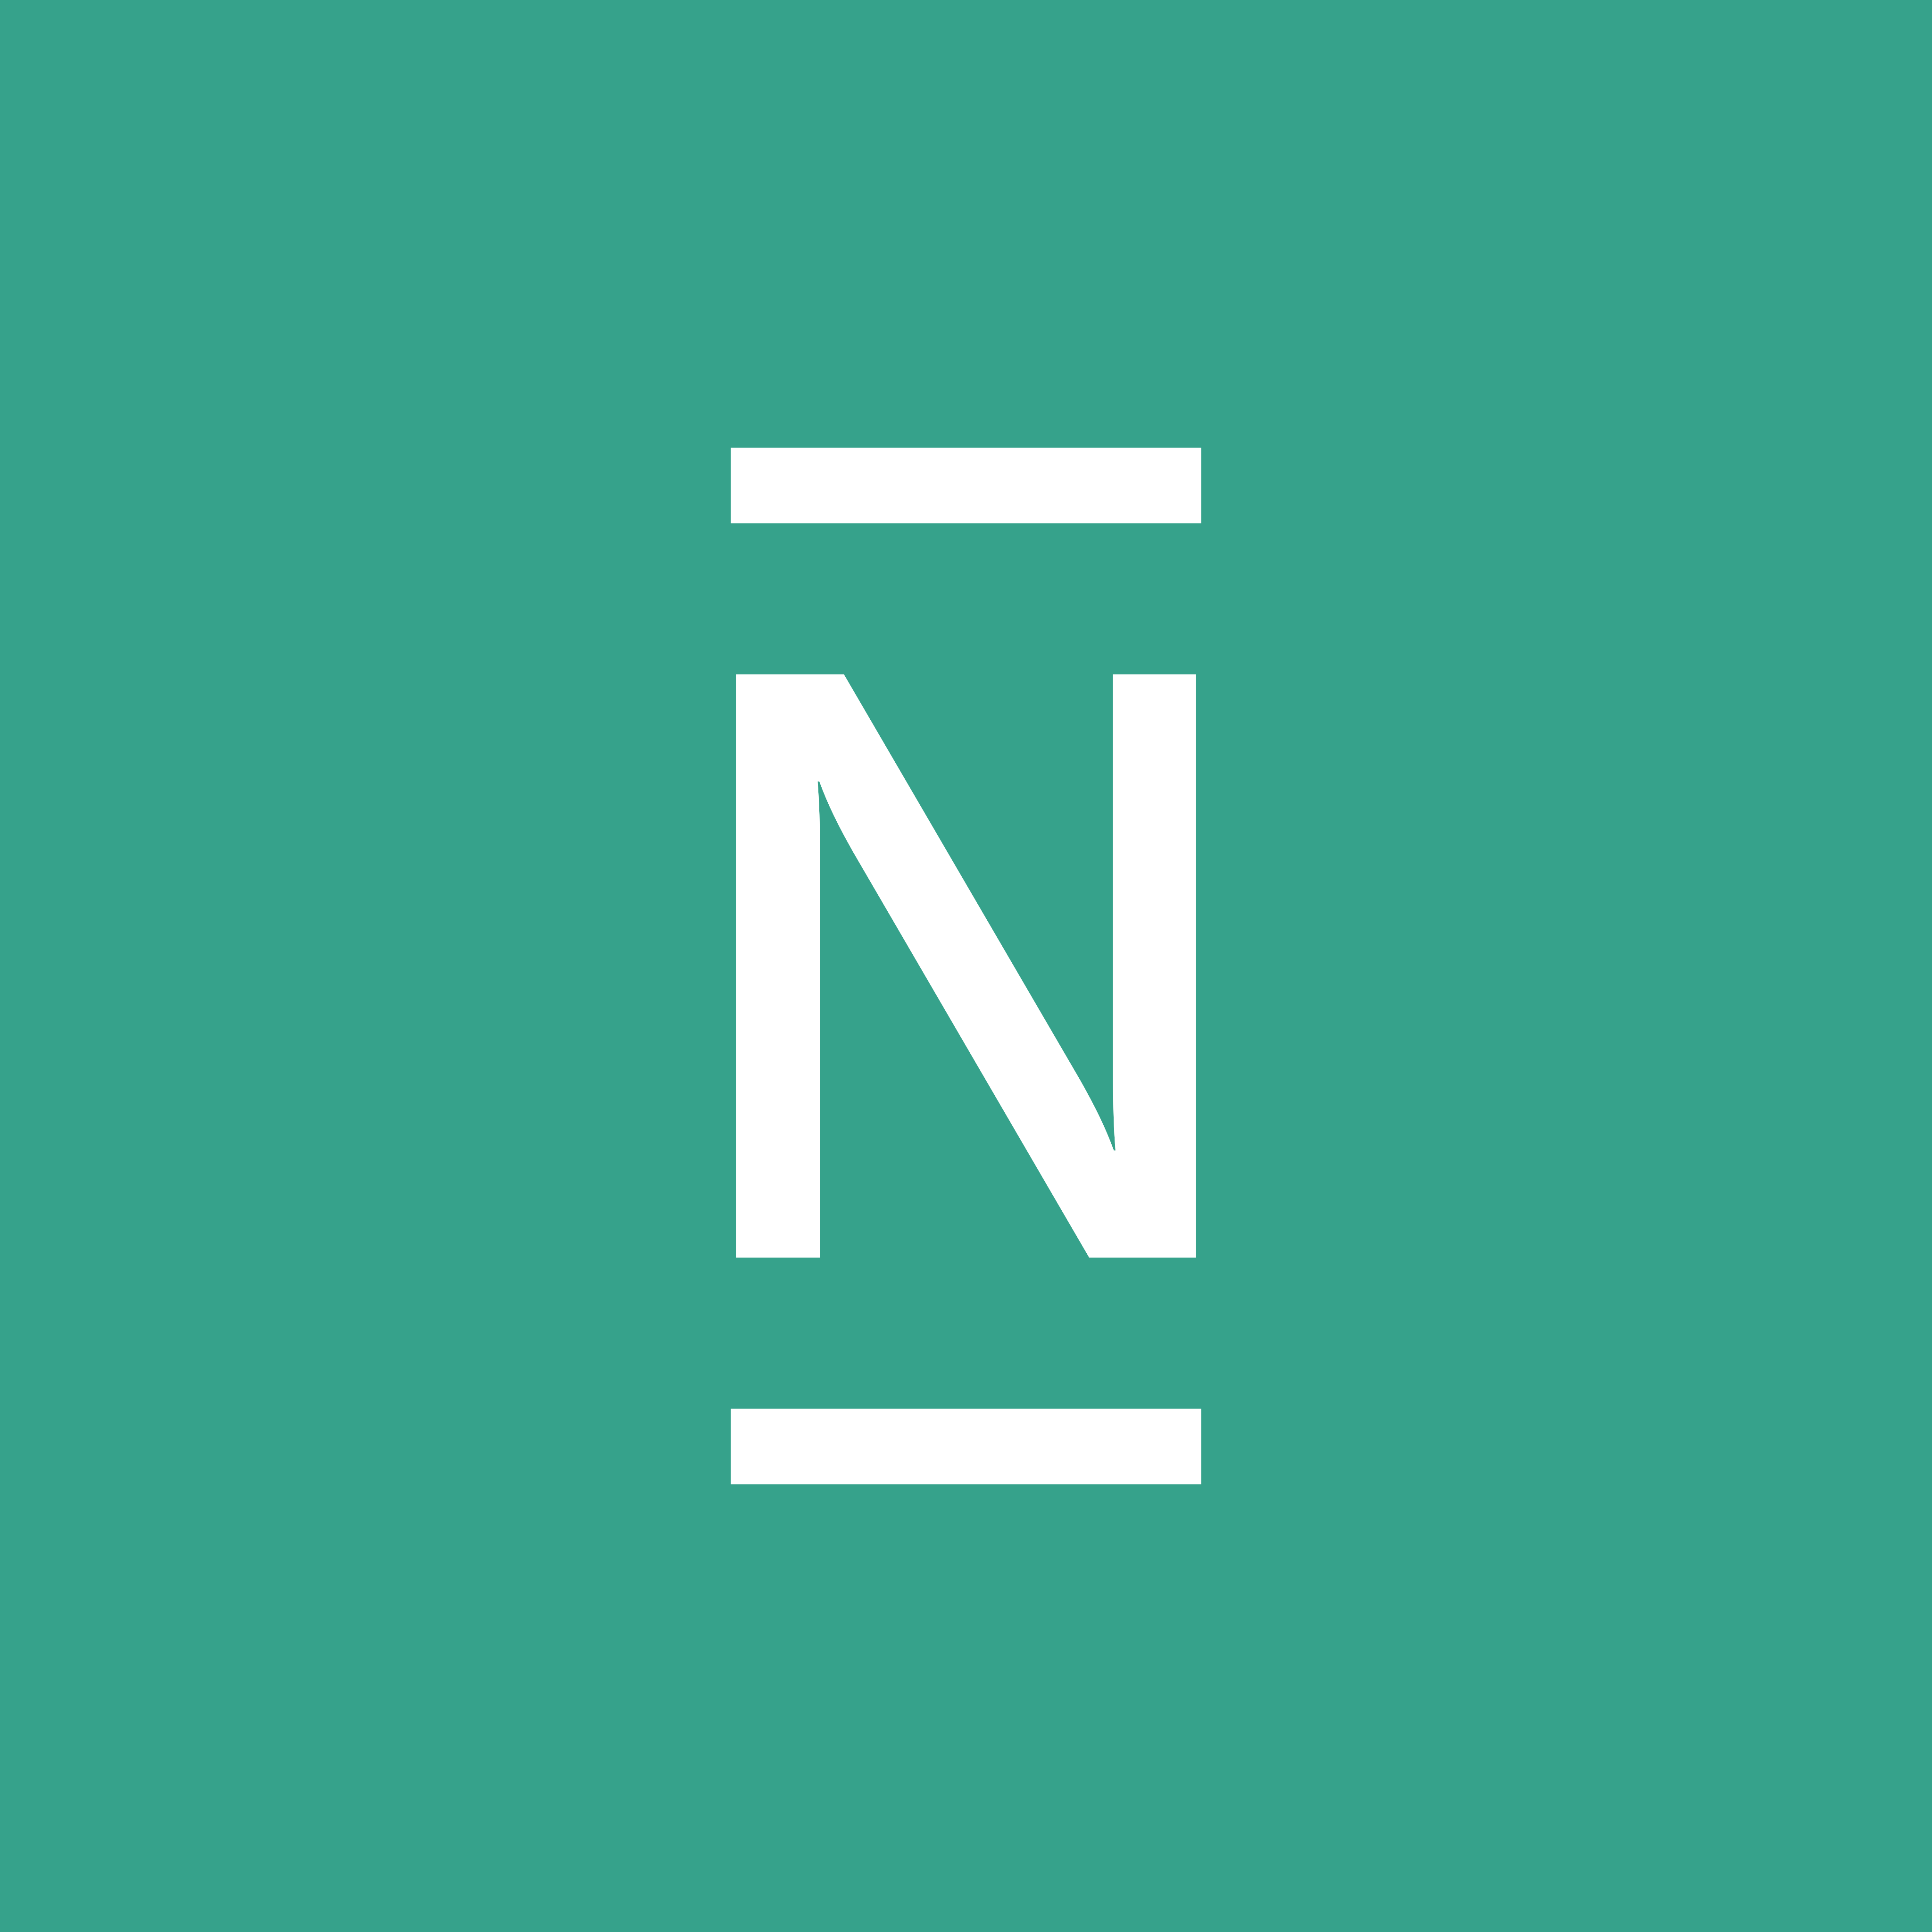 n26 logo 1 - N26 Logo